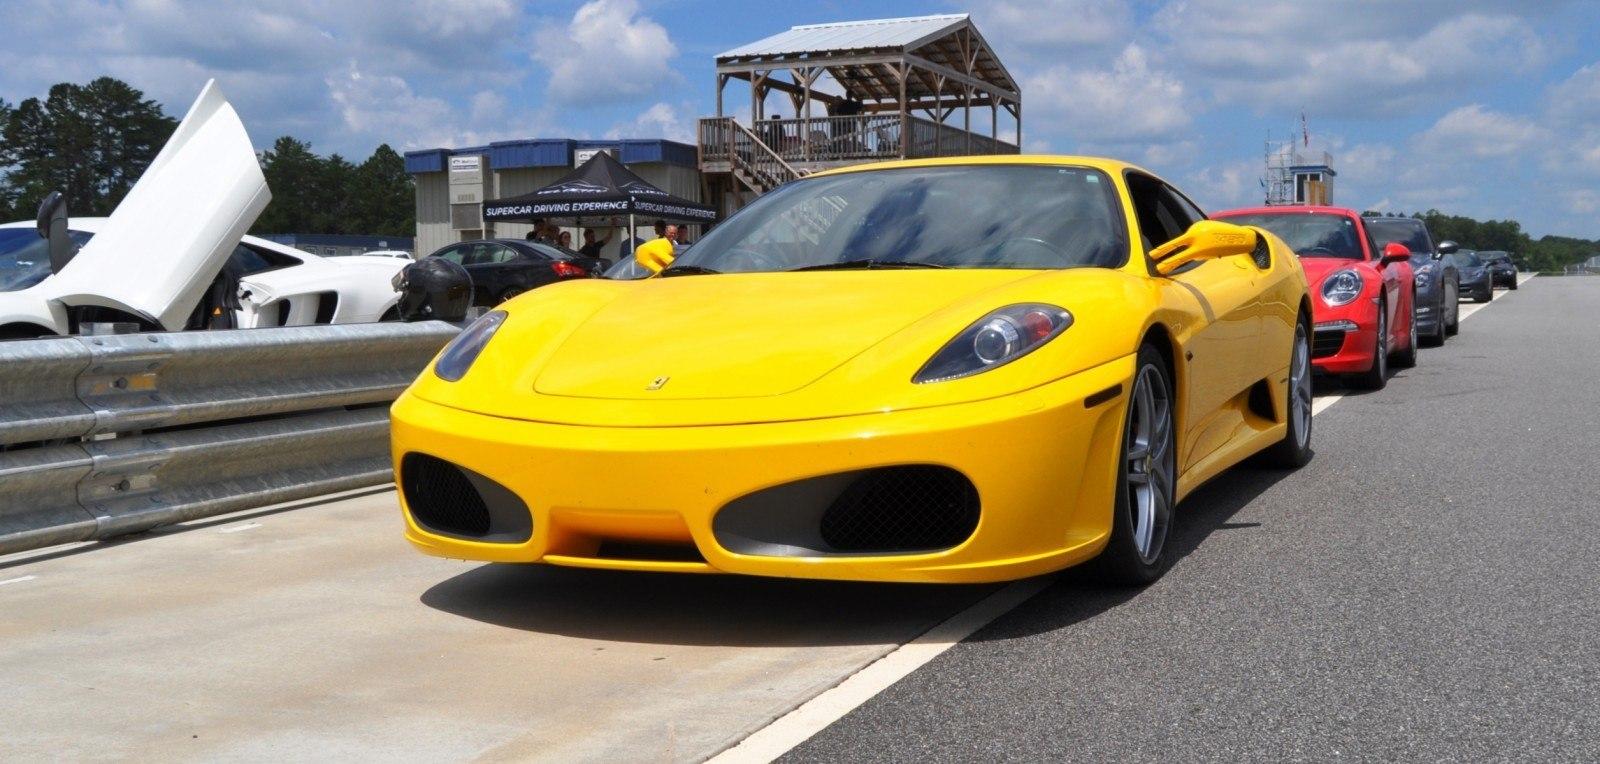 Beating the Supercar Paradox - 2007 Ferrari F430 at Velocity Motorsports Supercar Track Drive 27